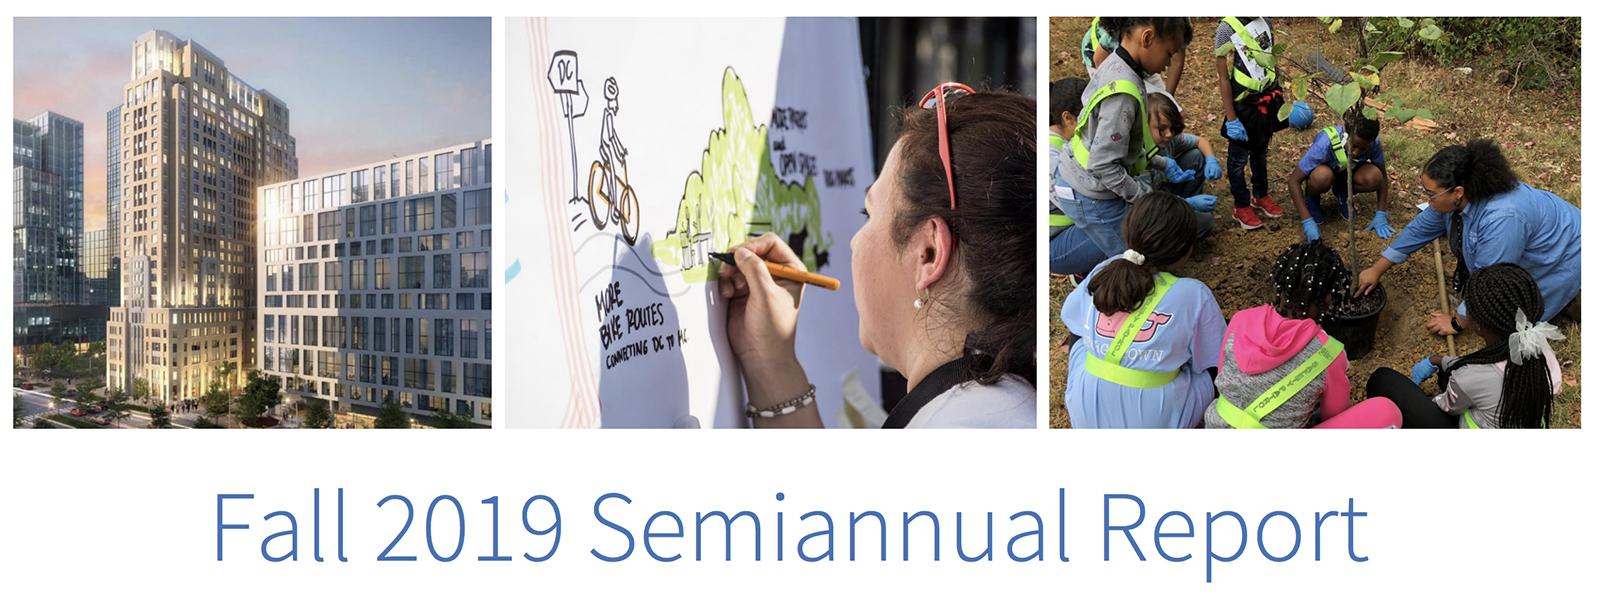 Fall 2019 Semiannual Report